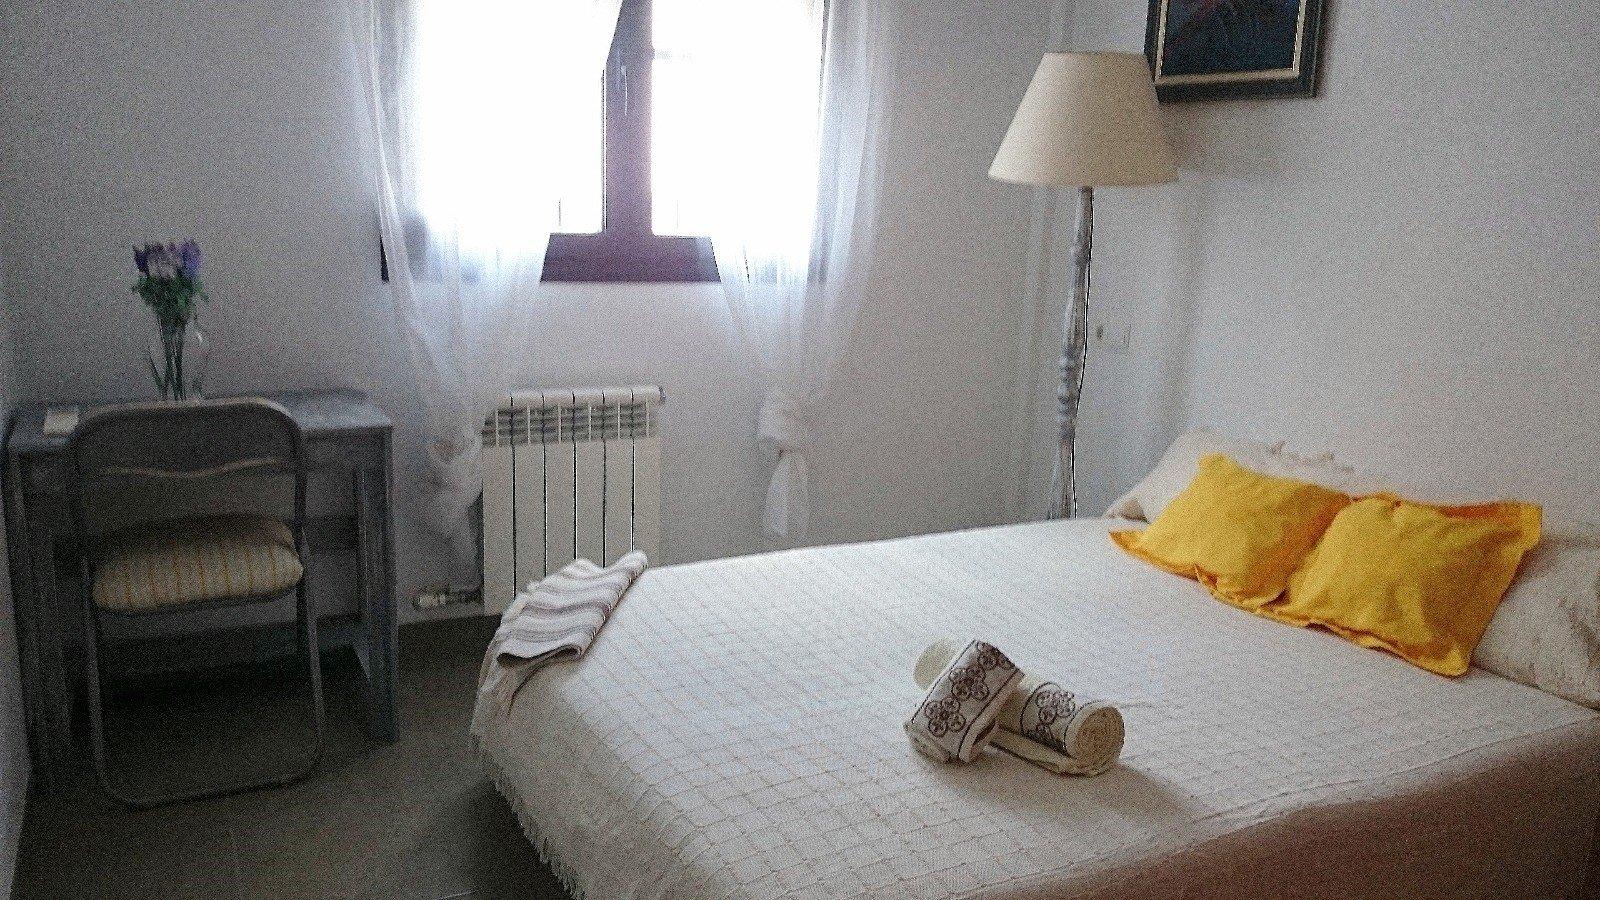 Ad Rental Apartment Palma de Mallorca El Molinar (07001 ...